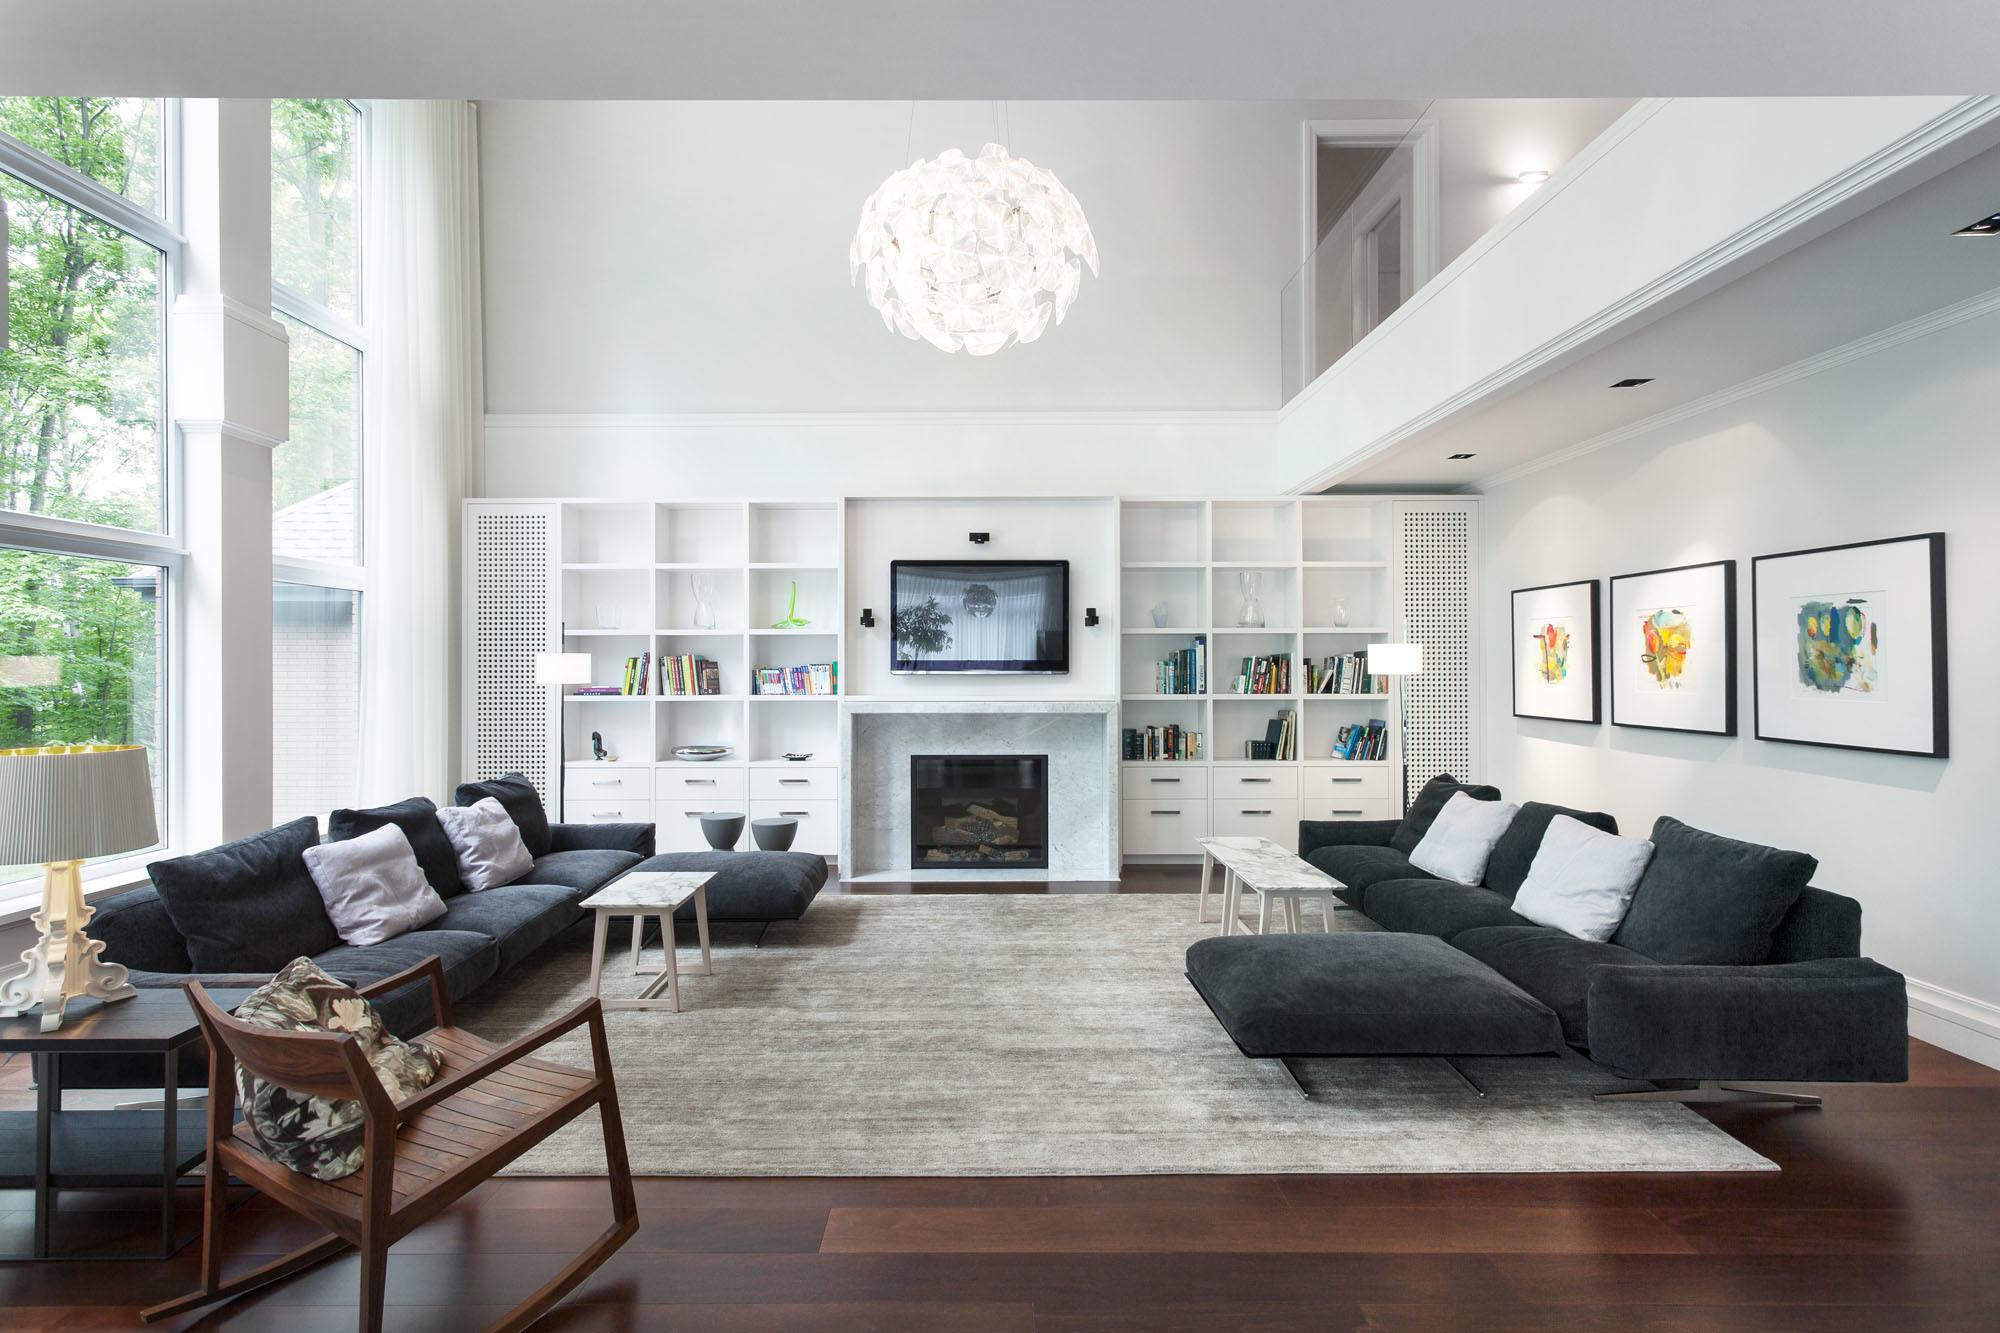 Helle Wohnung, stilvoll eingerichtet